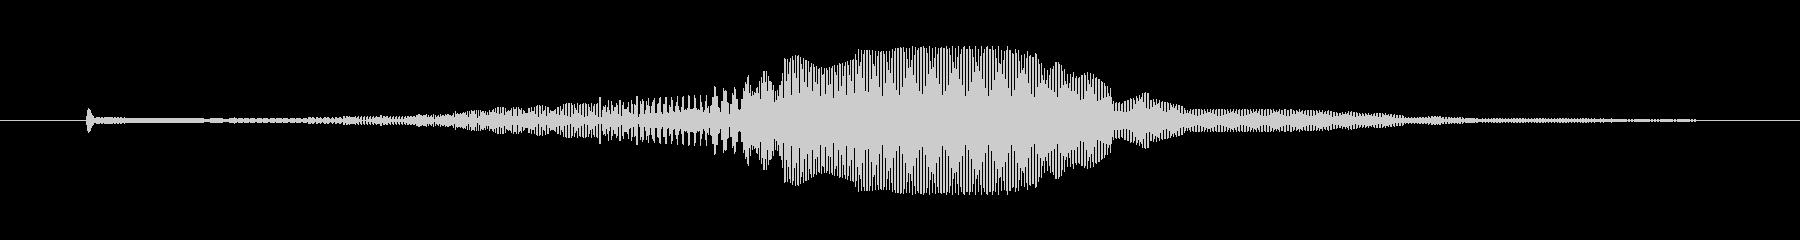 SFっぽい電子音。キャンセルボタンなど…の未再生の波形